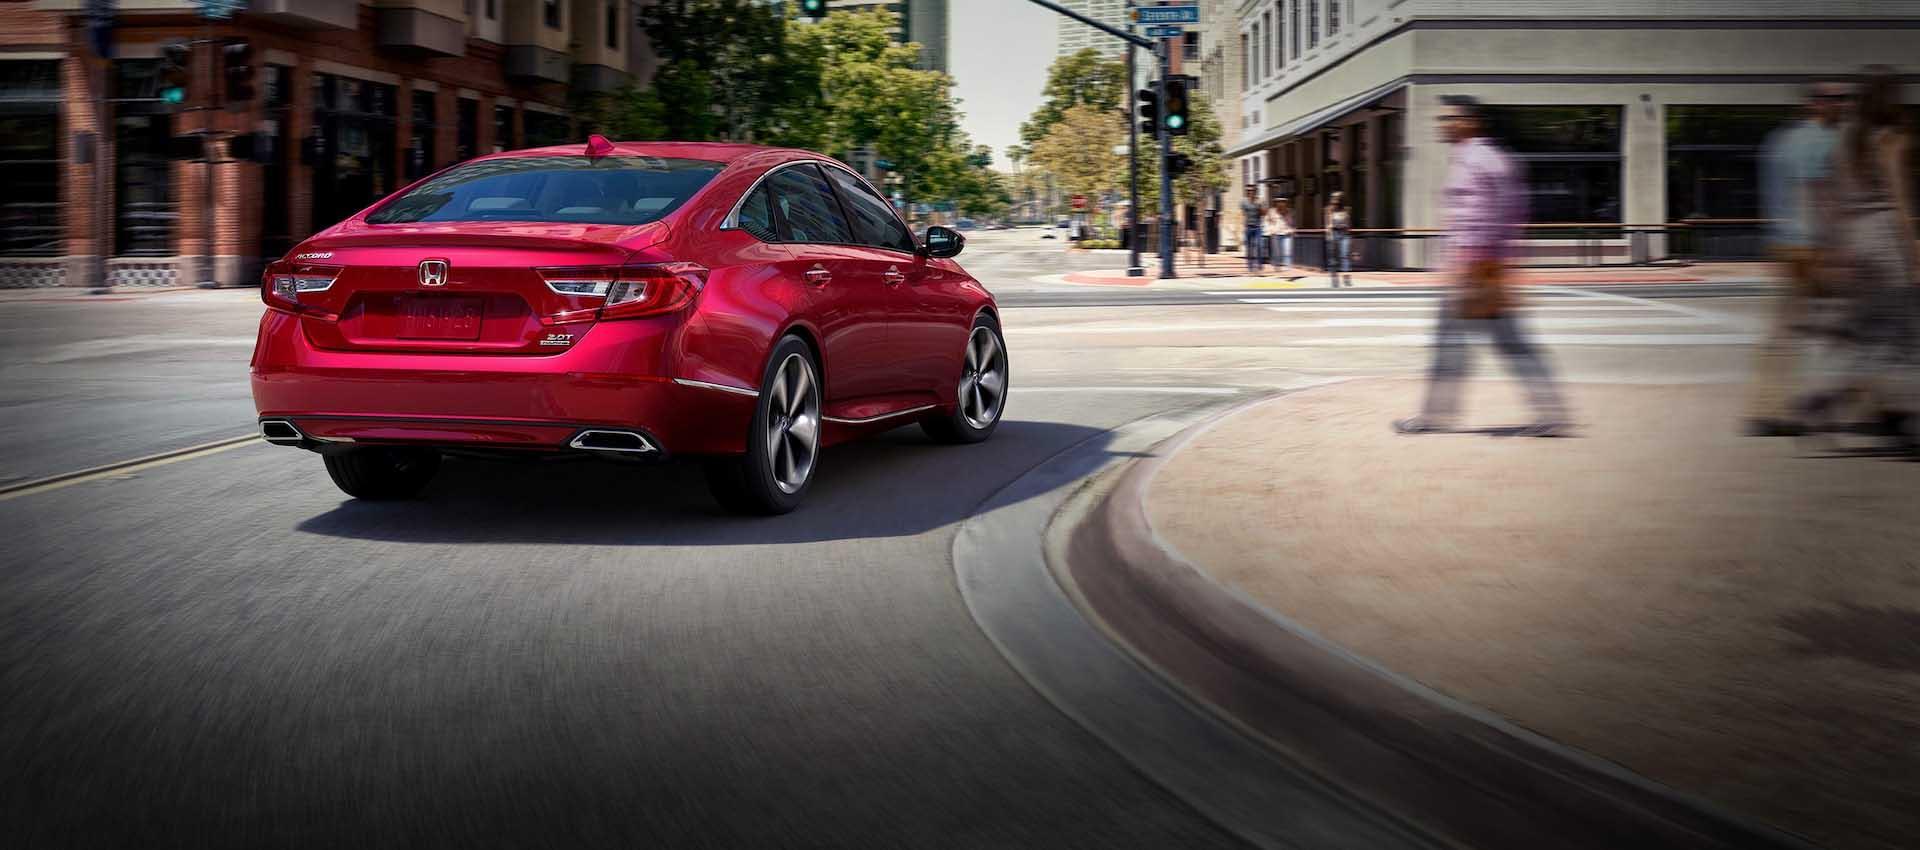 2020 Accord Sedan Models For Sale In Saratoga Springs, New York